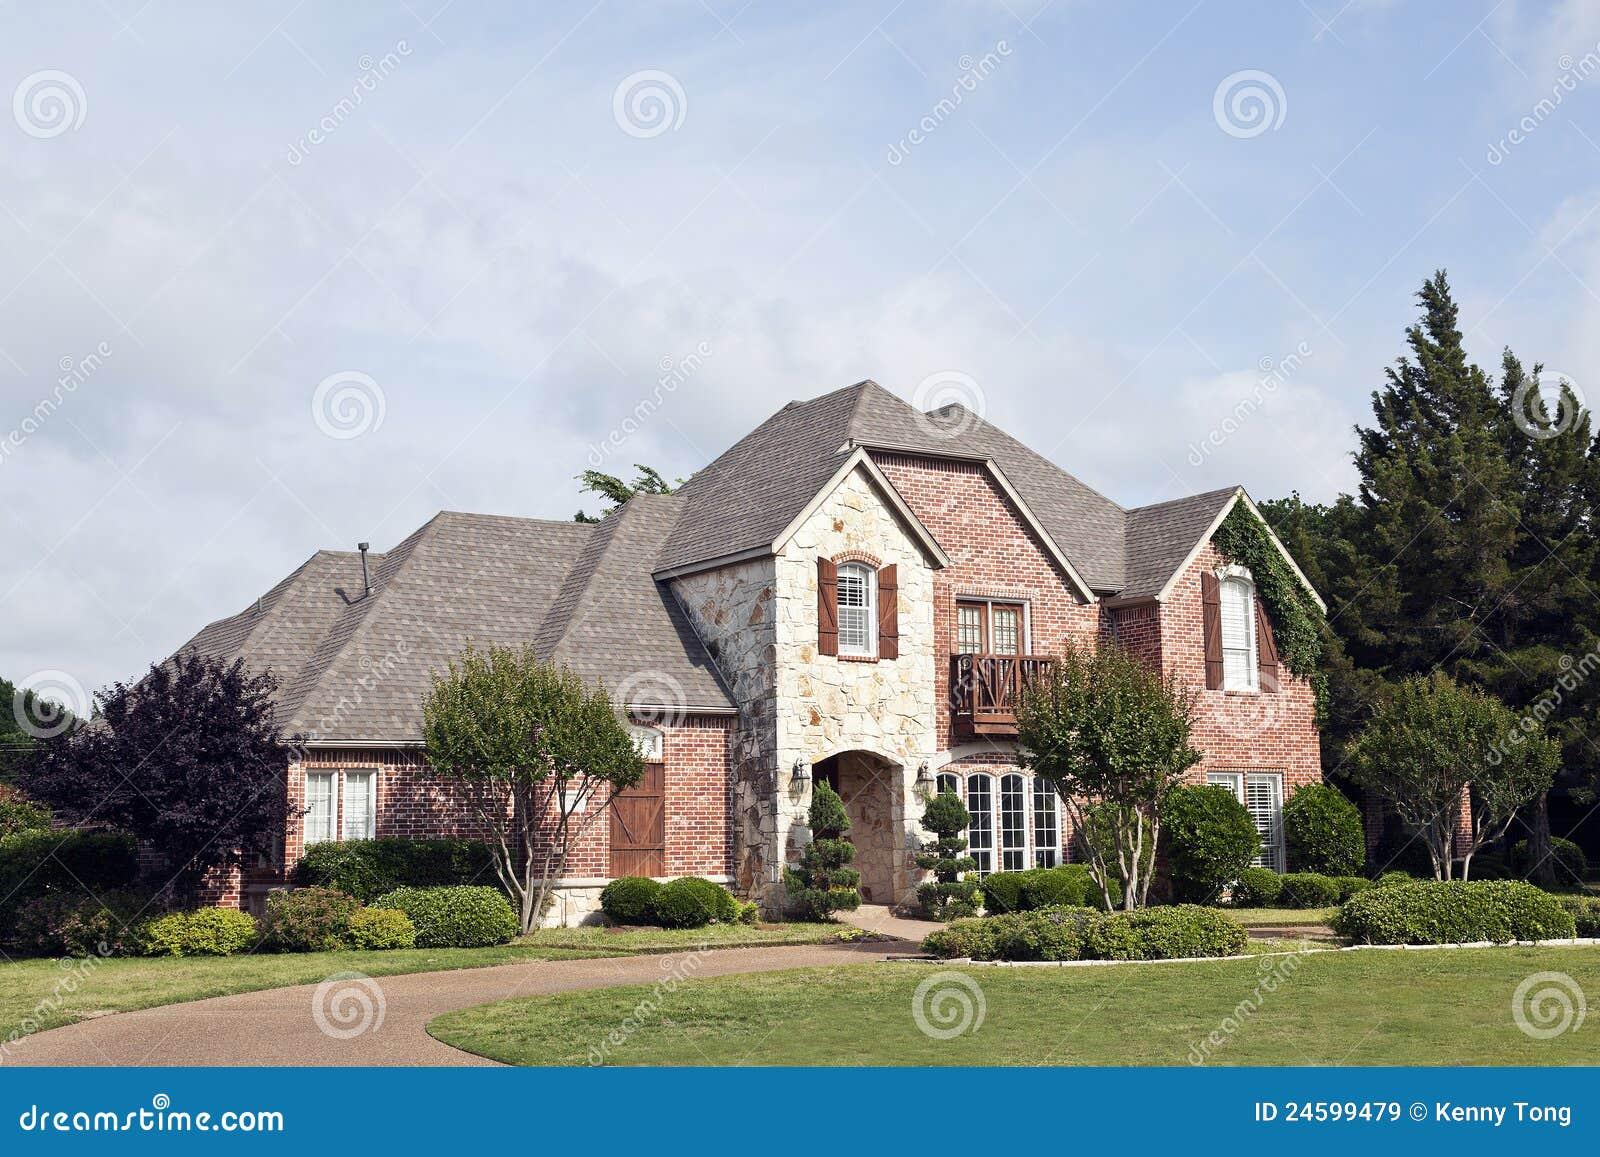 Luxury Brick House Royalty Free Stock Images Image 24599479